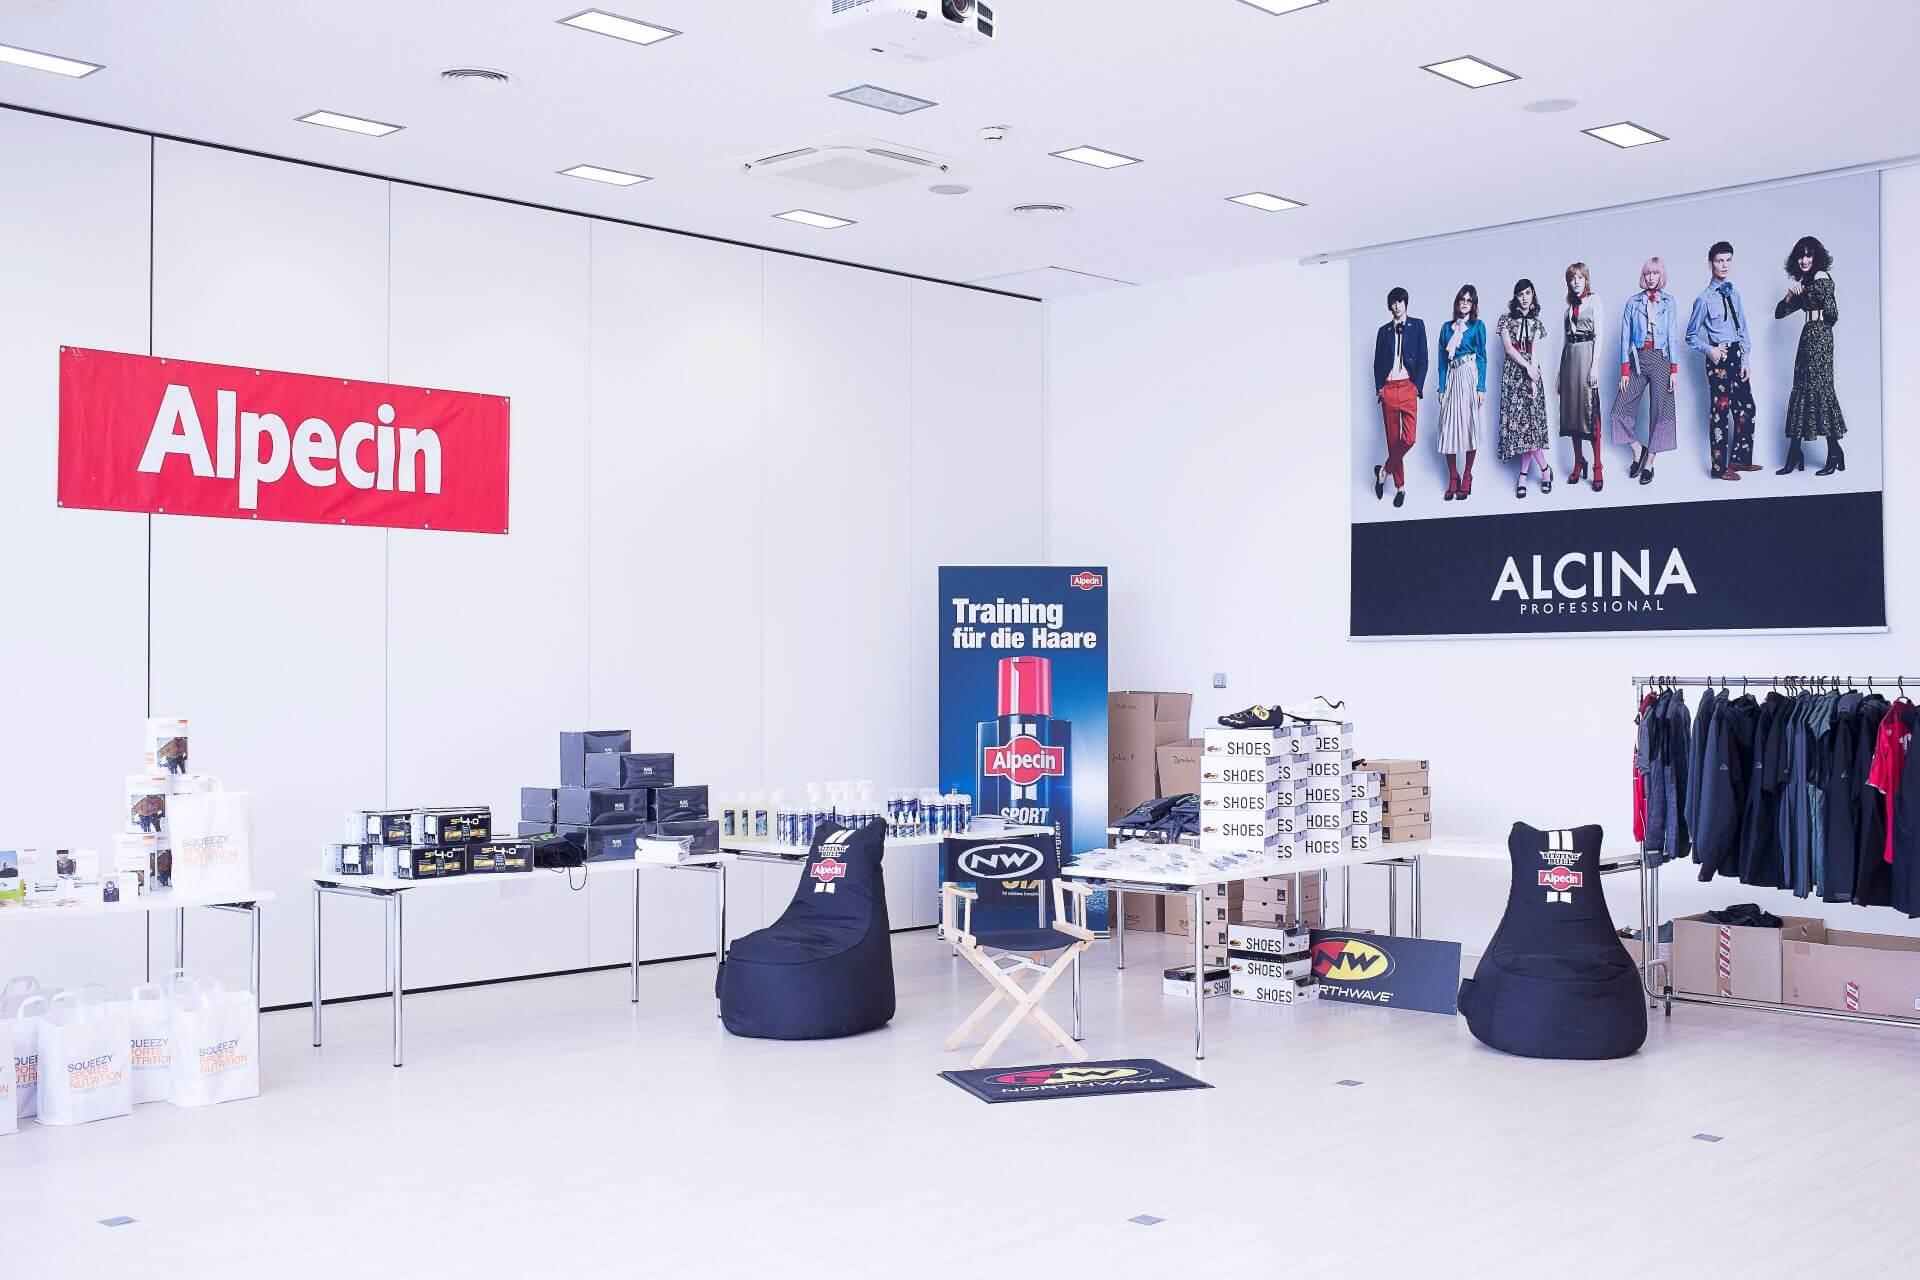 Ein Teil der Alpecin Teamausrüstung 2017